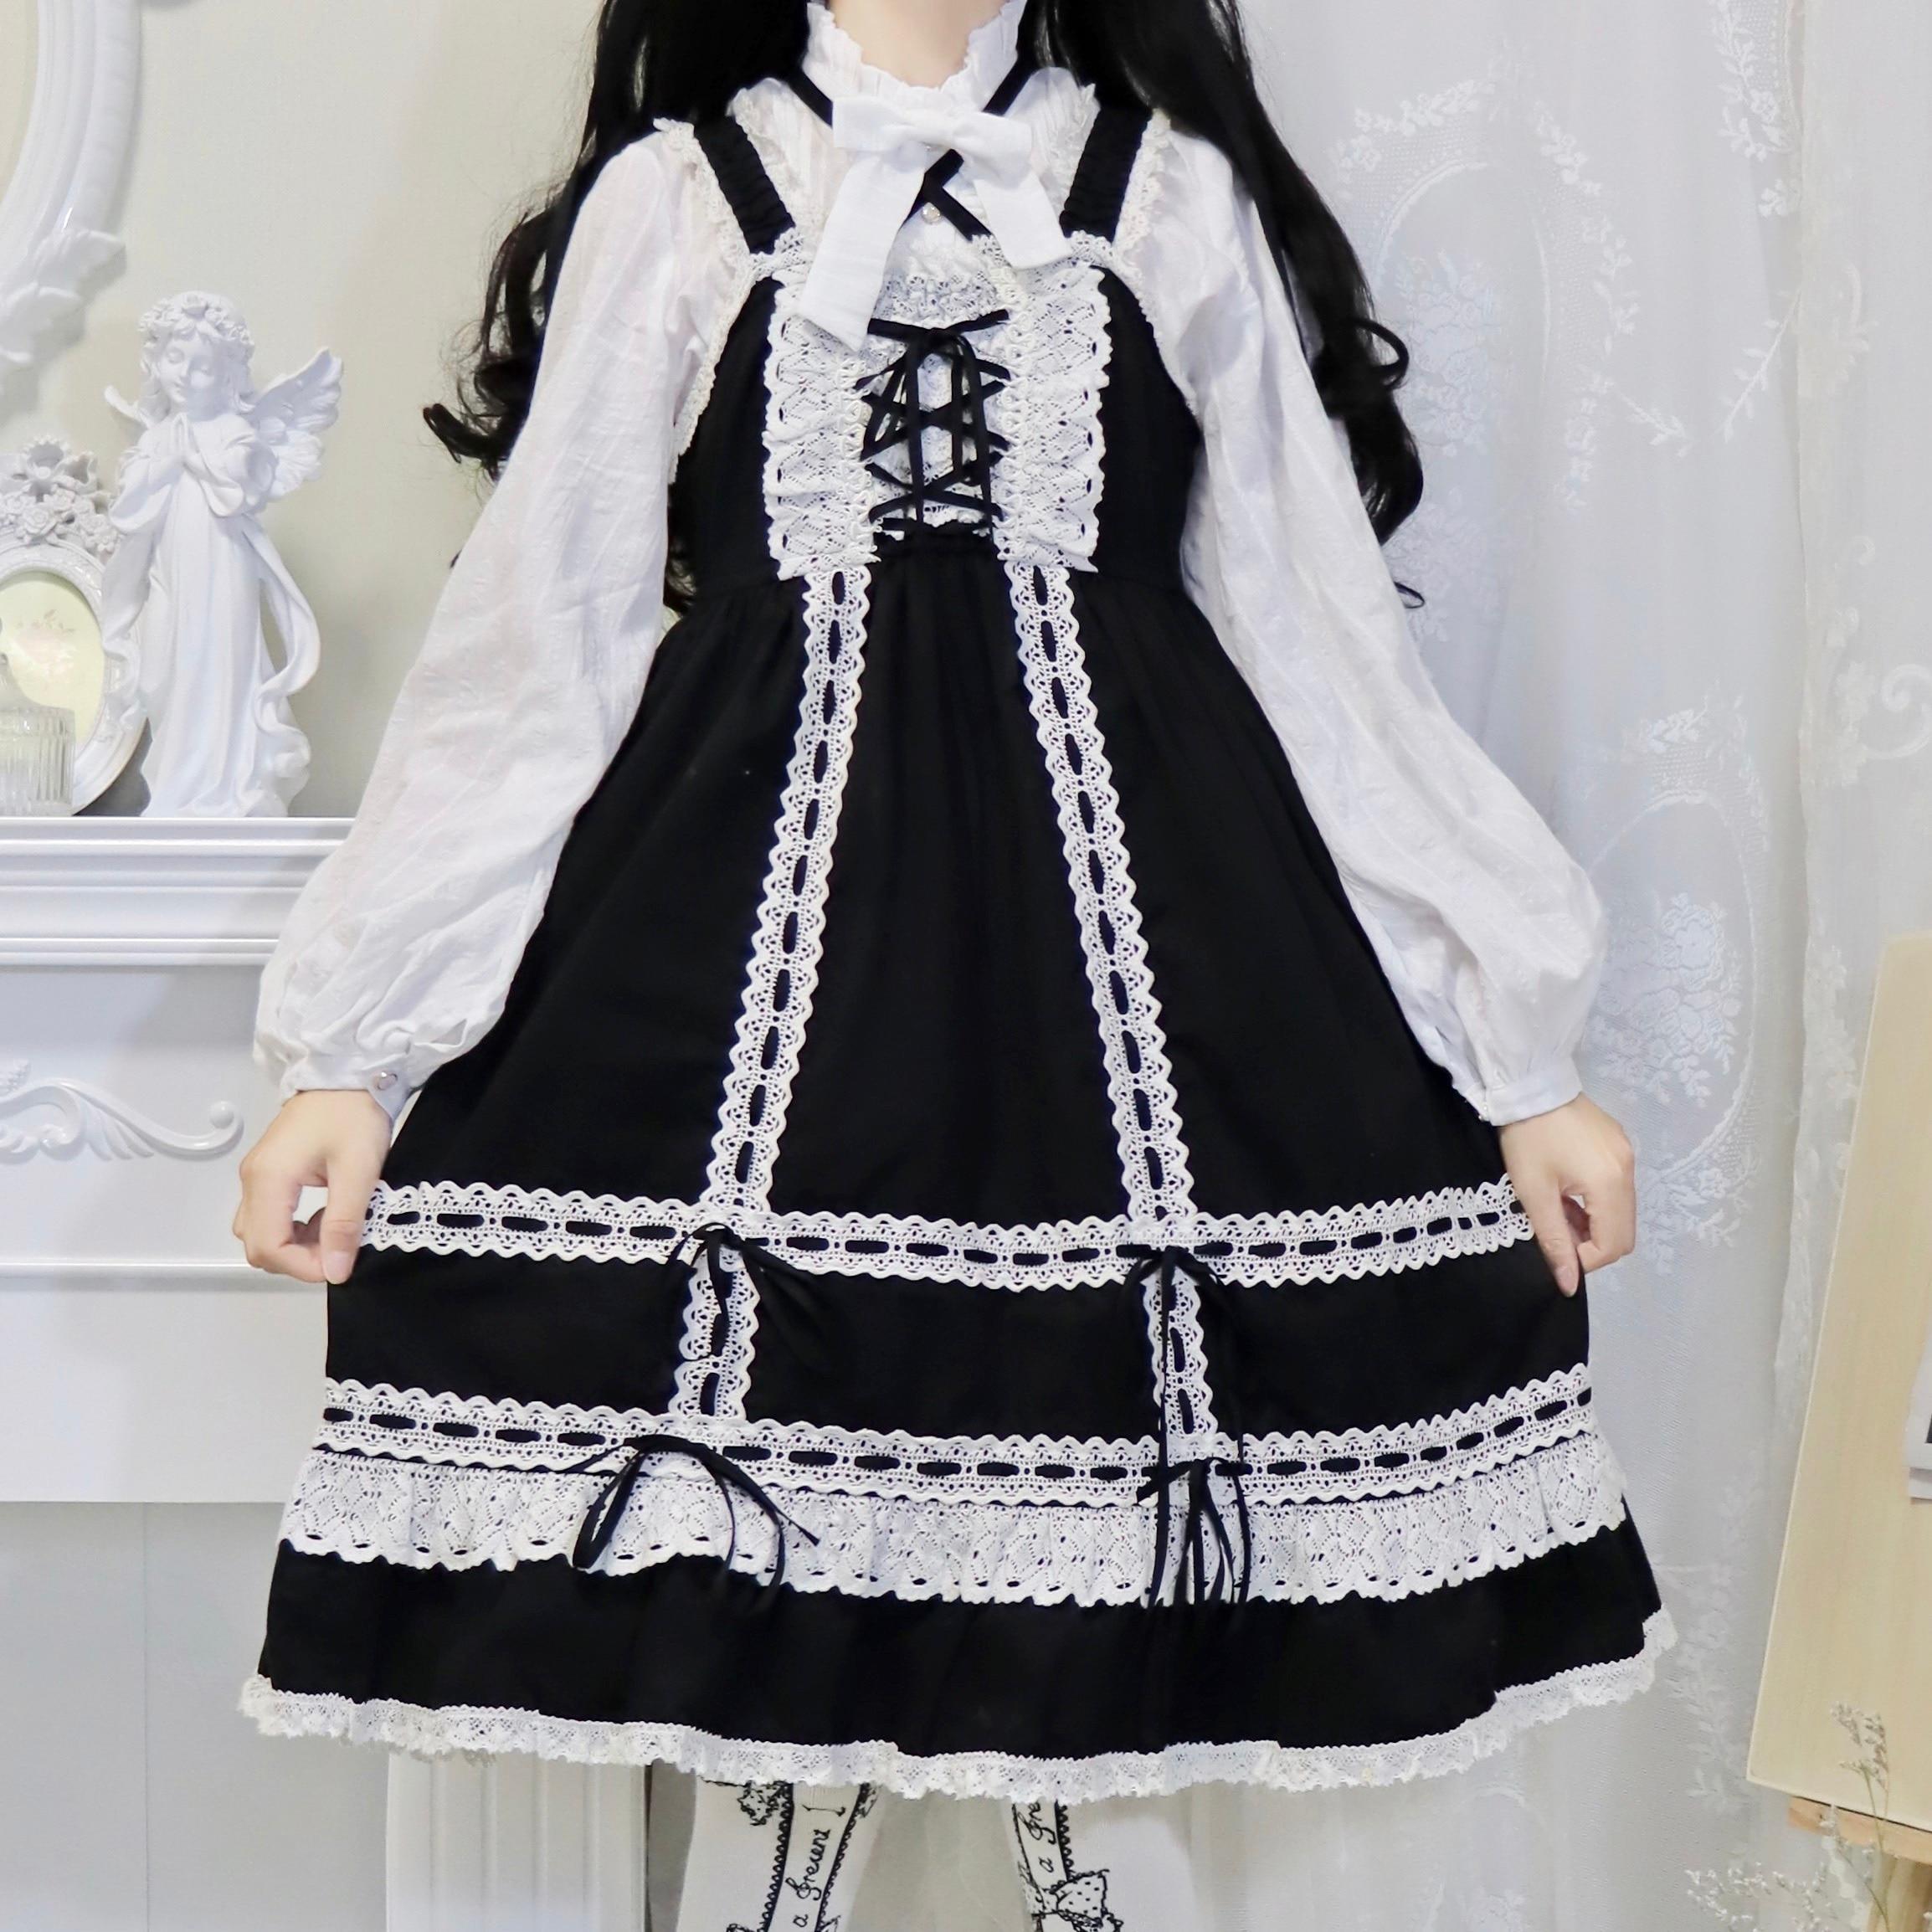 Купить японского аниме белая лолита блузка винтаж falbala стенд бантом